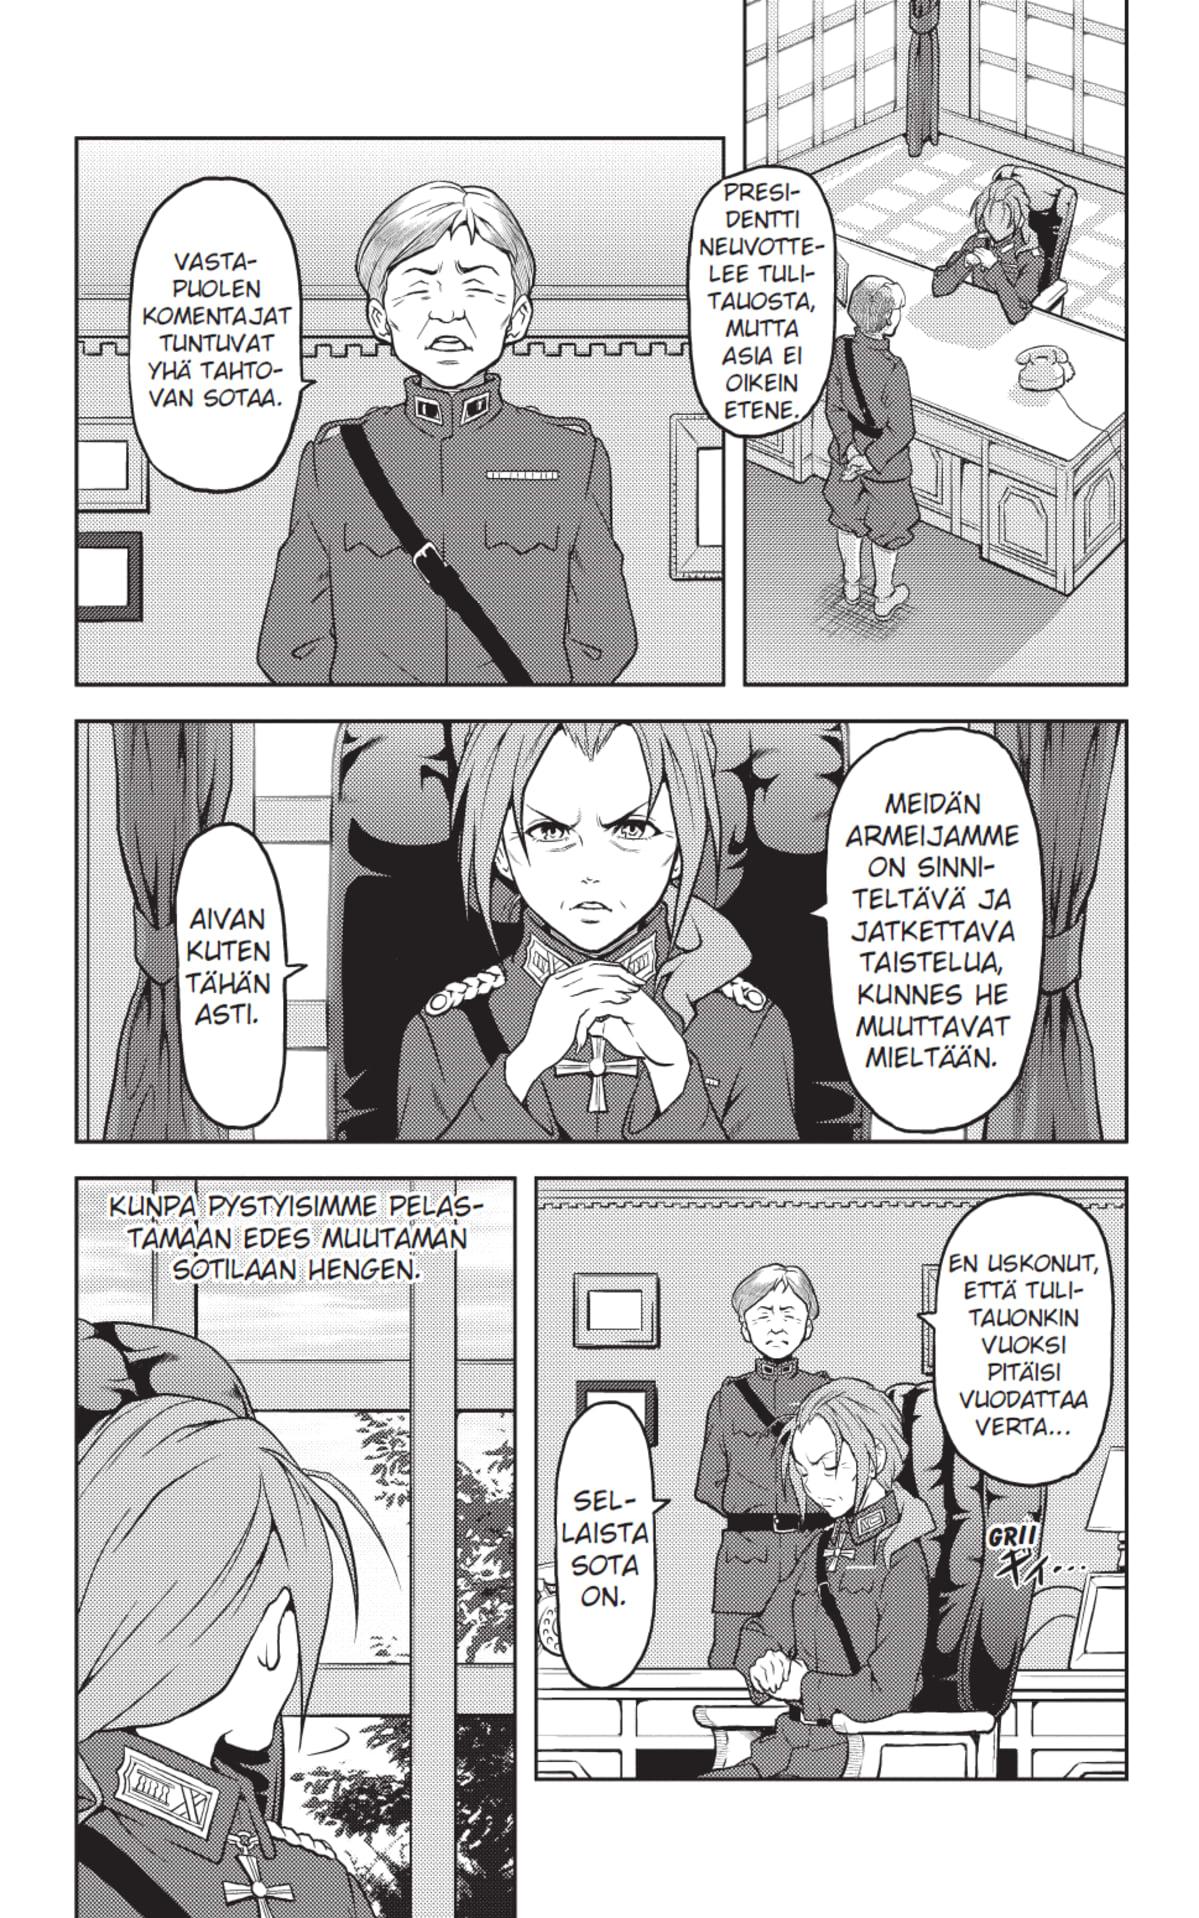 Valkoinen Noita, manga, Mannerheim